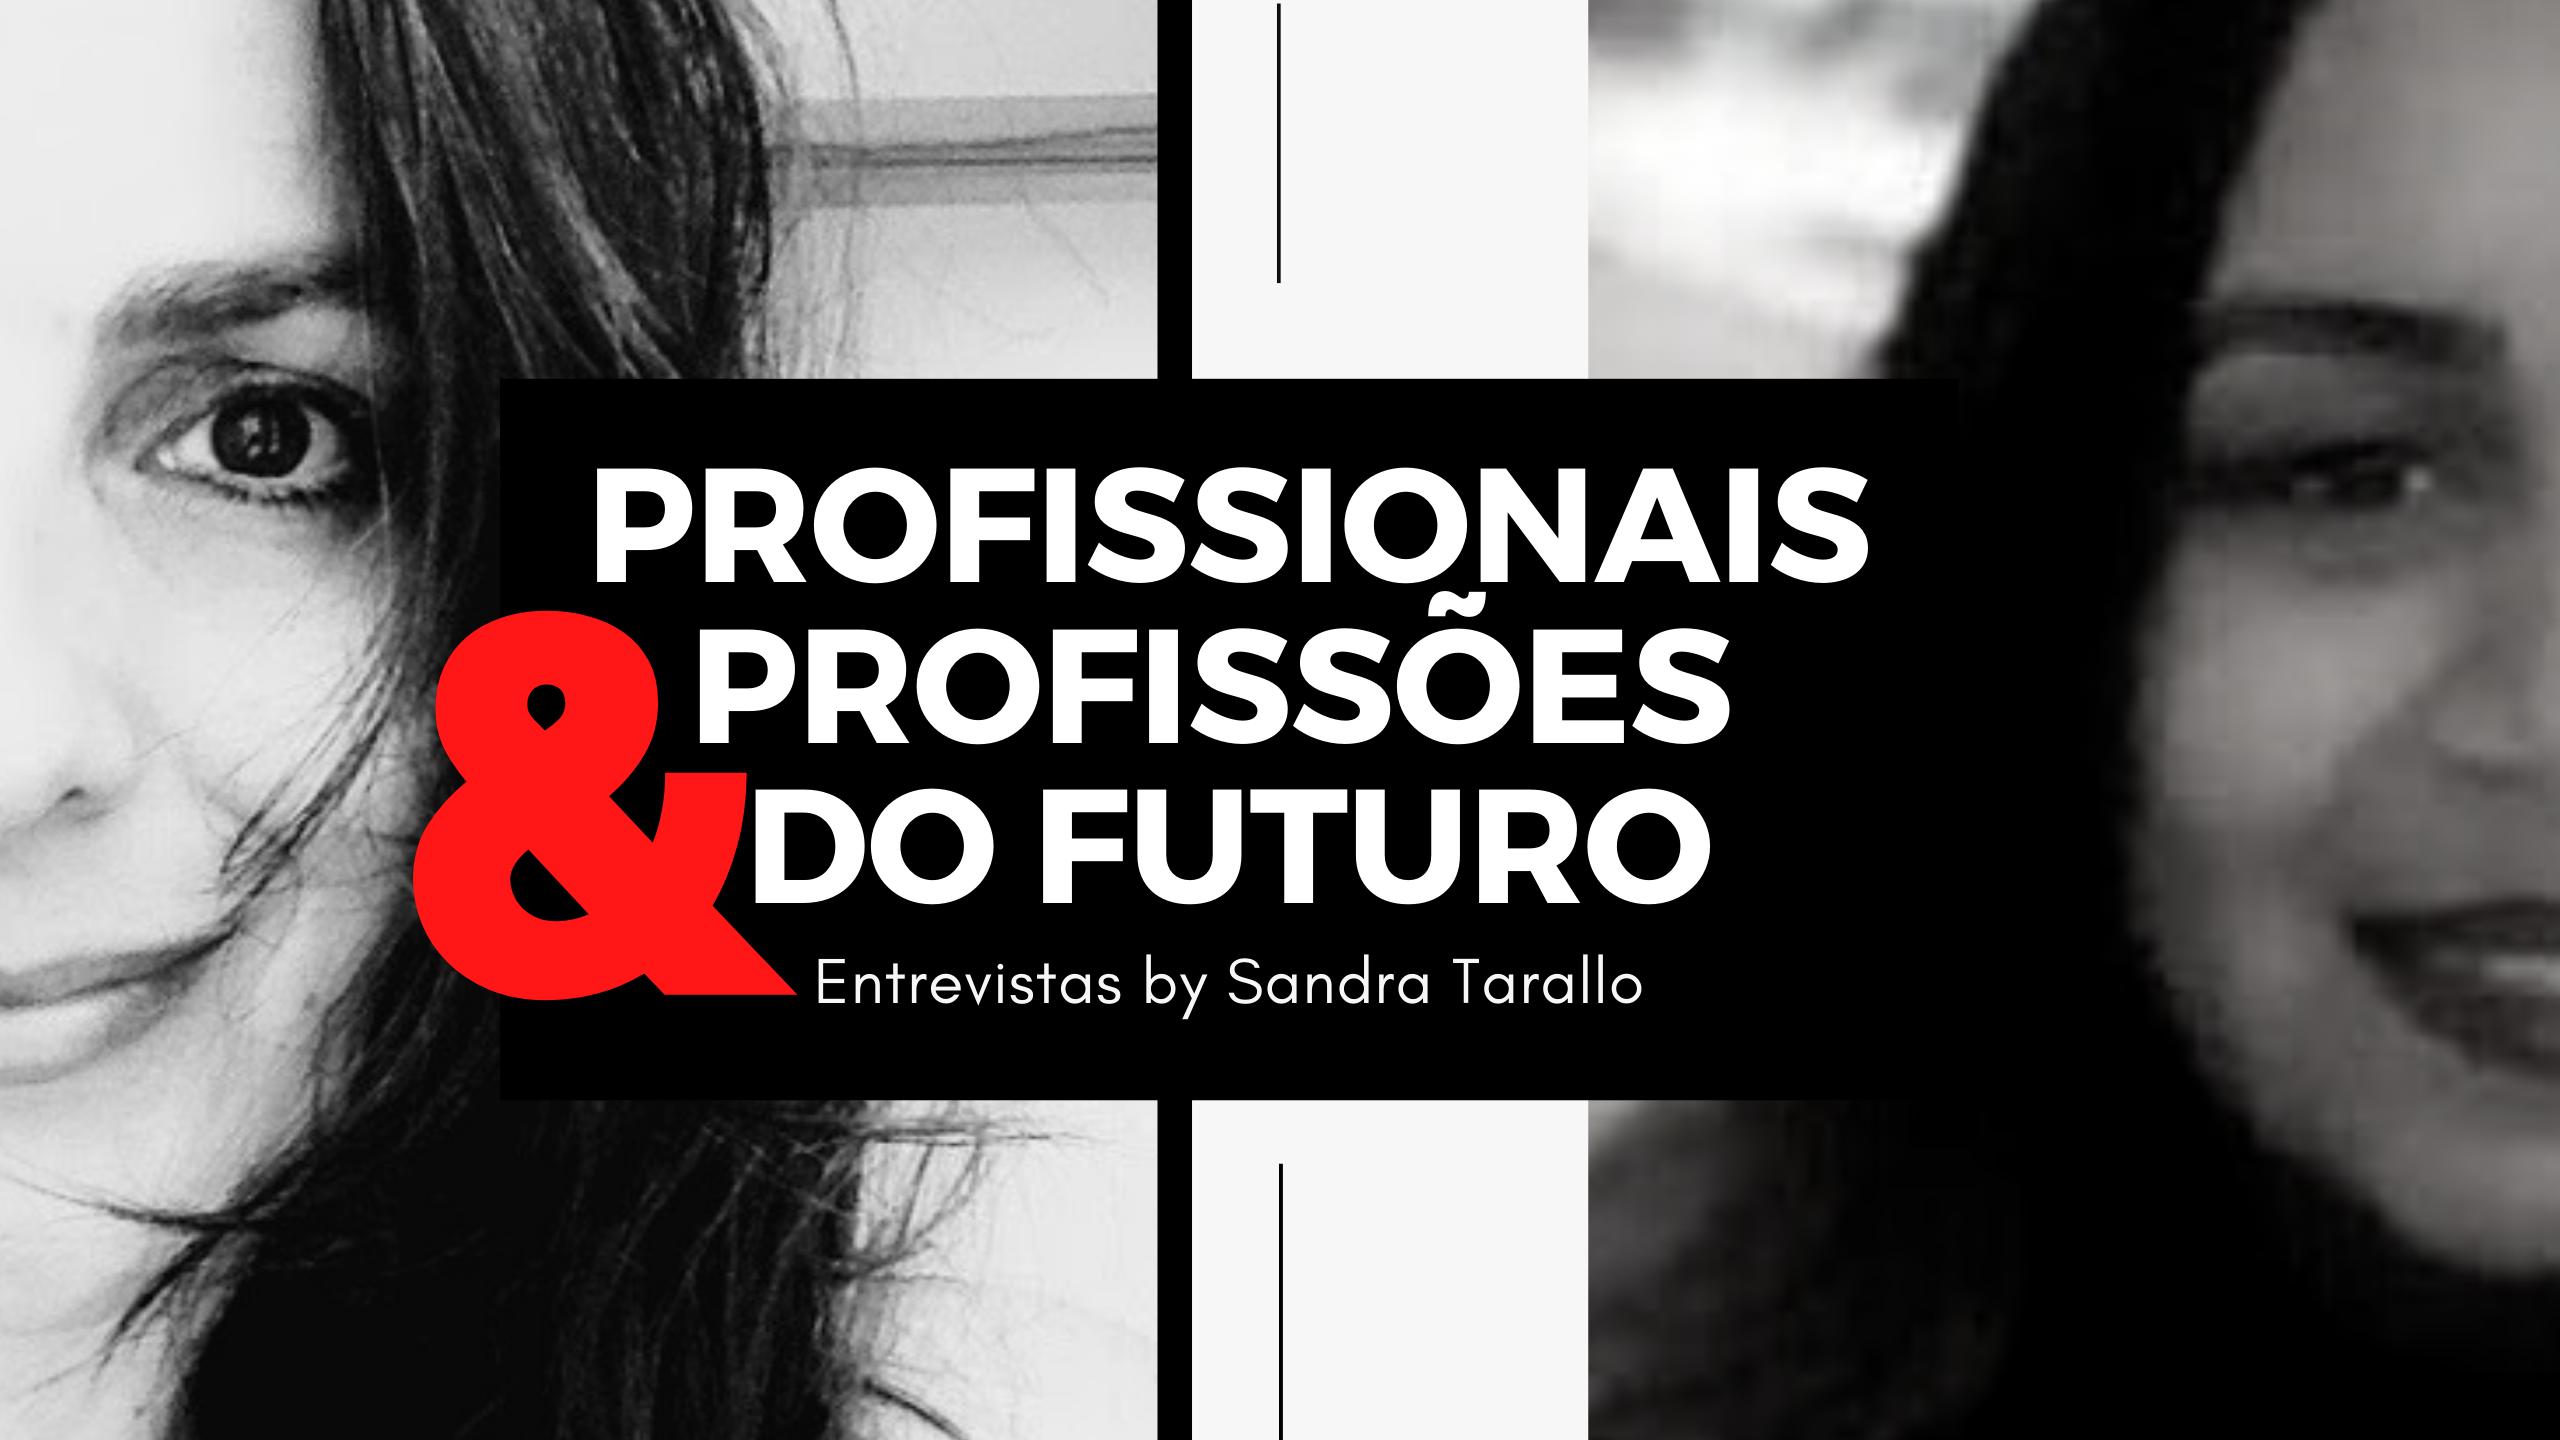 Profissionais Profissões do futuro secretariado juridico - Blog